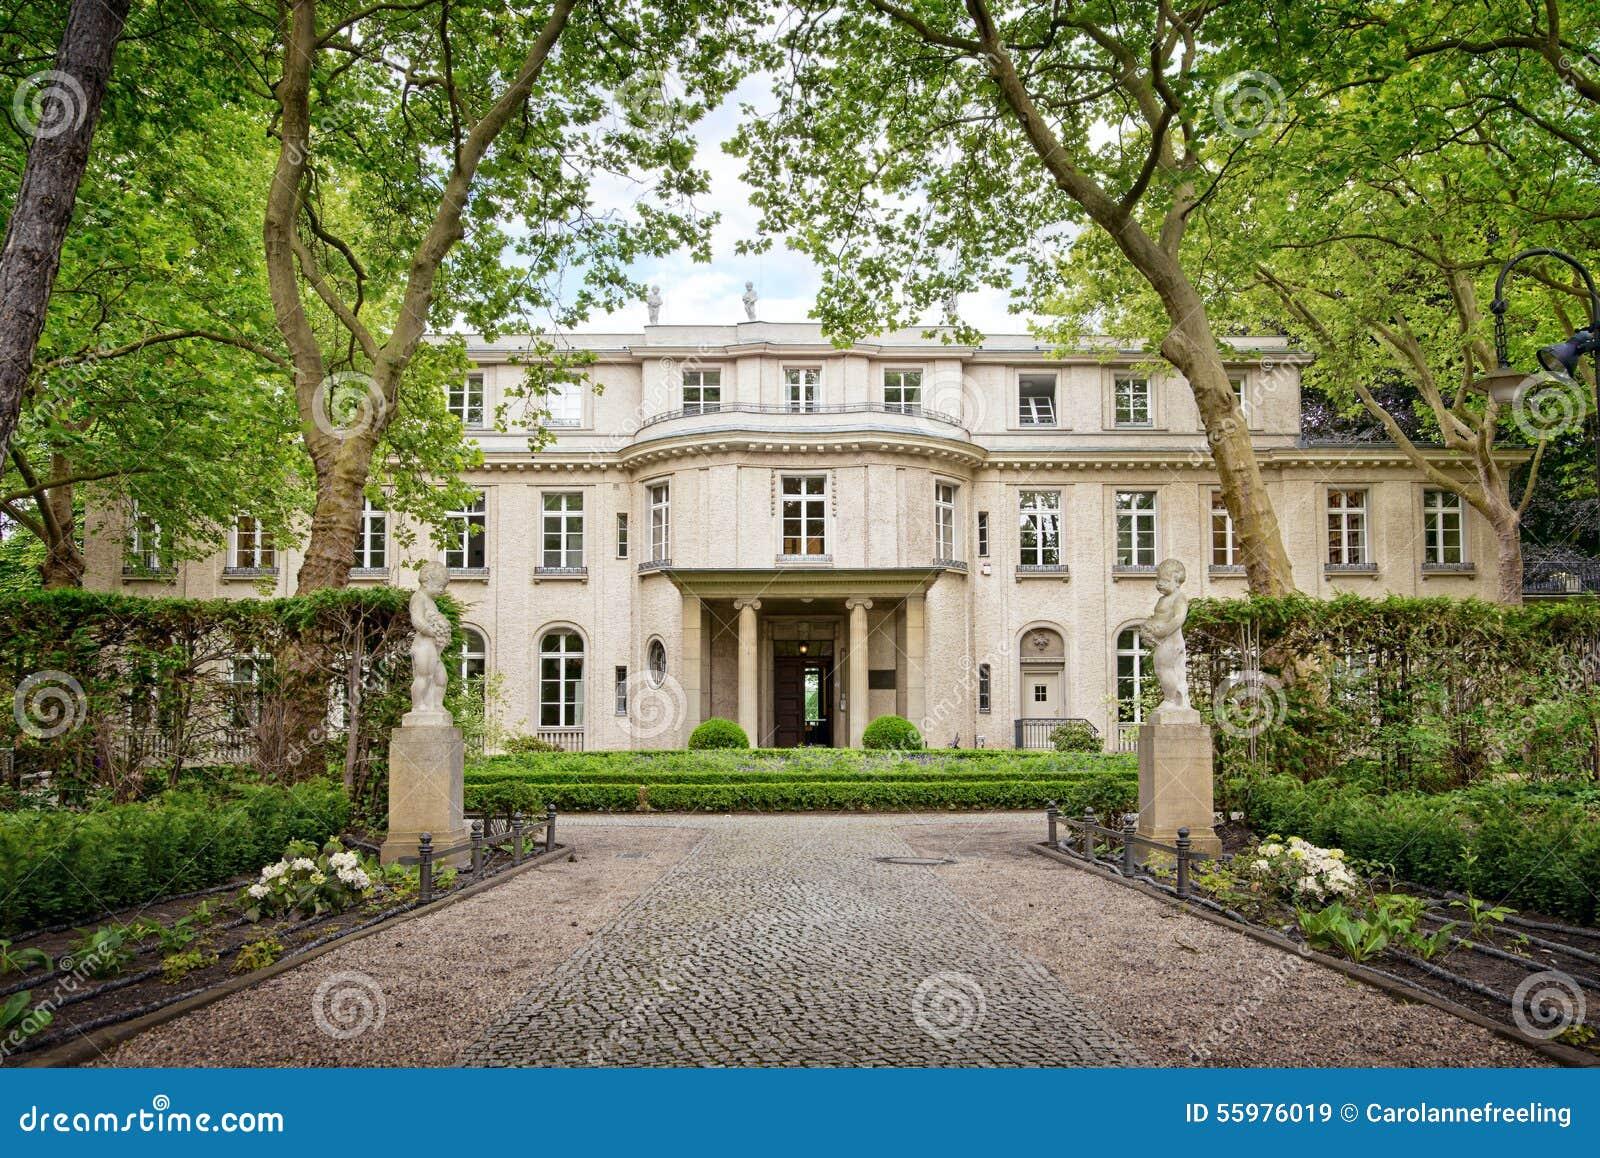 Huis van de Wannsee-conferentie in Berlijn, Duitsland